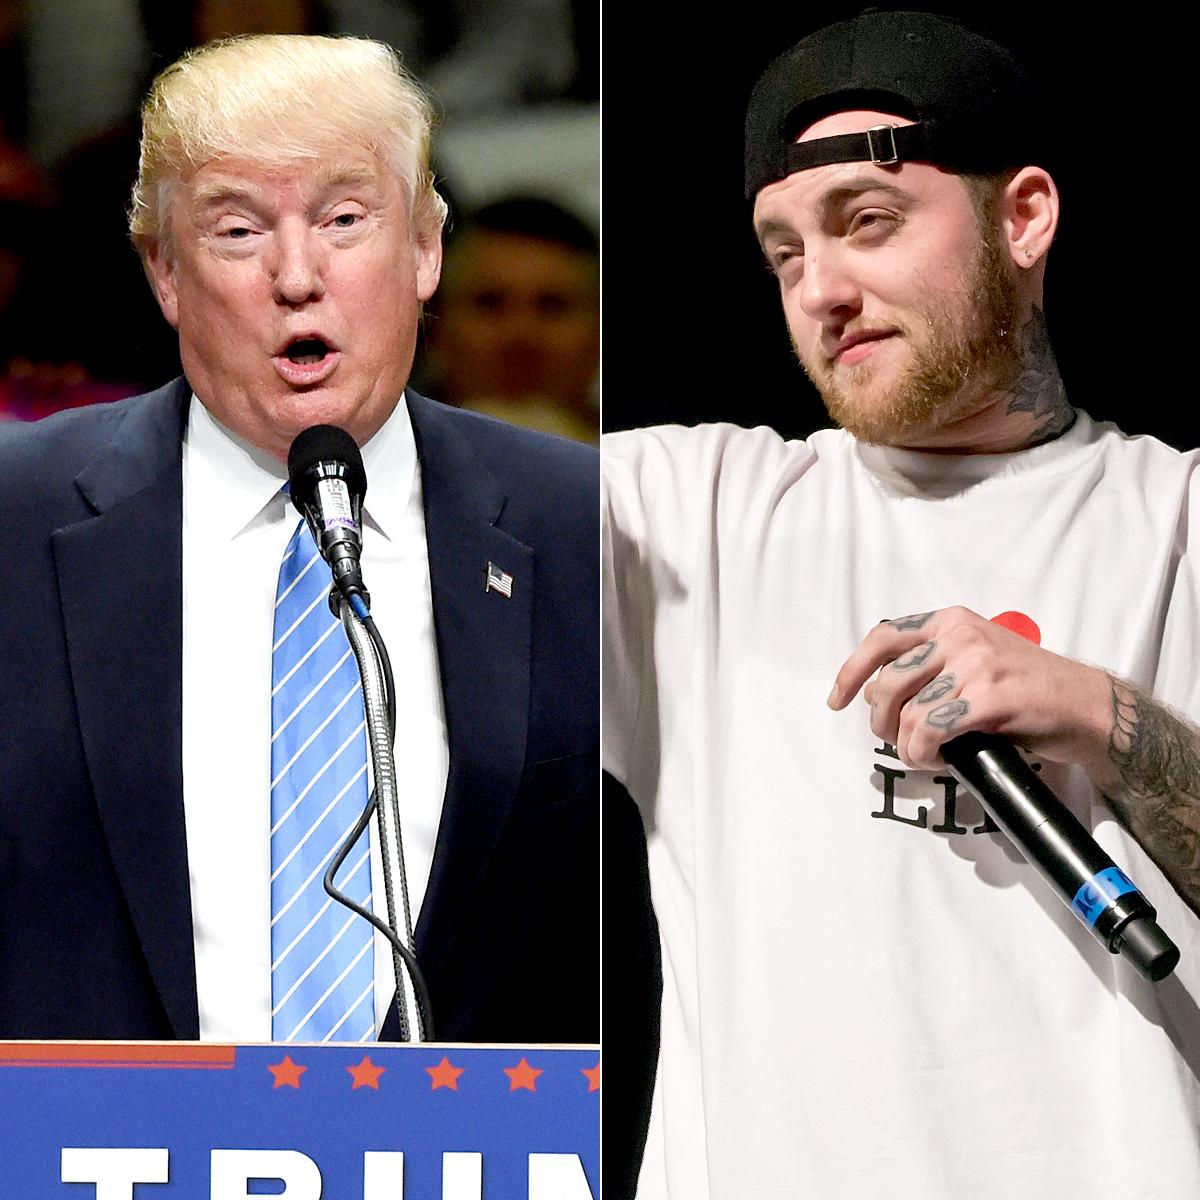 Donald Trump and Mac Miller